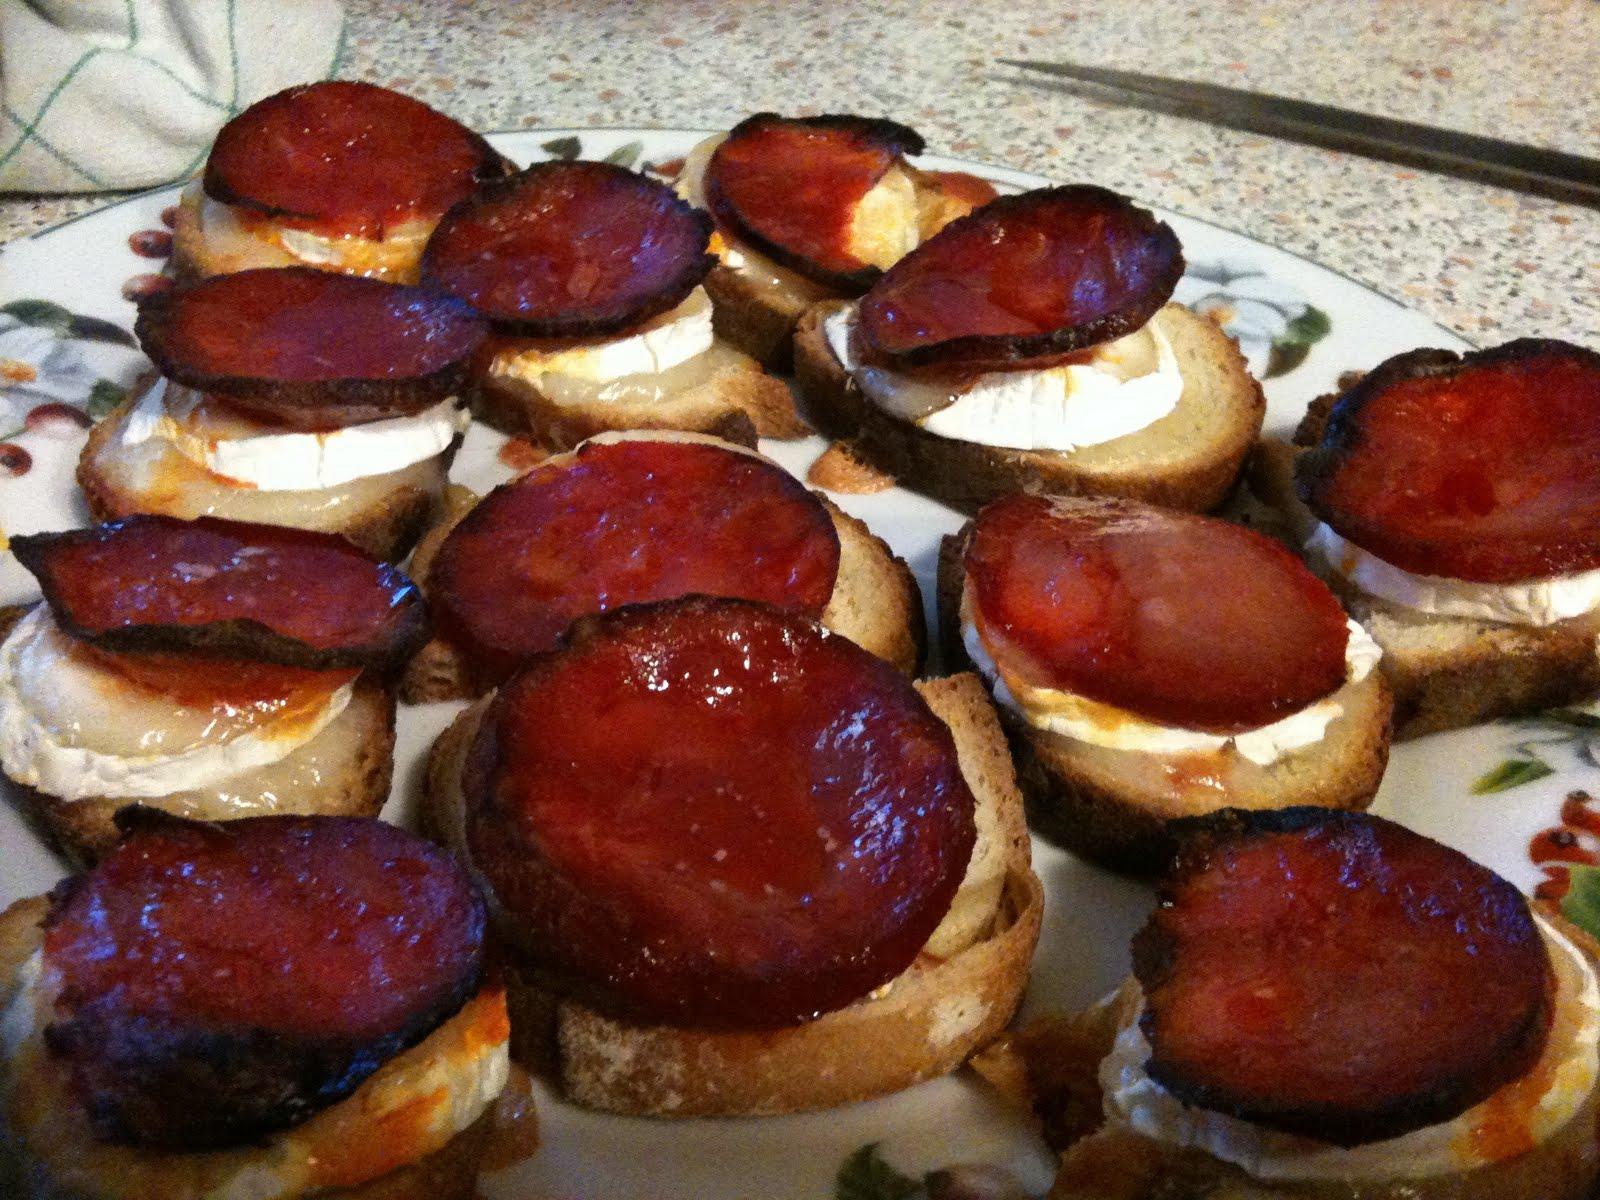 Chorizo sur lit de ch vre chaud en toast recette de cuisine aurore le petit poussin - Idee toast apero dinatoire ...